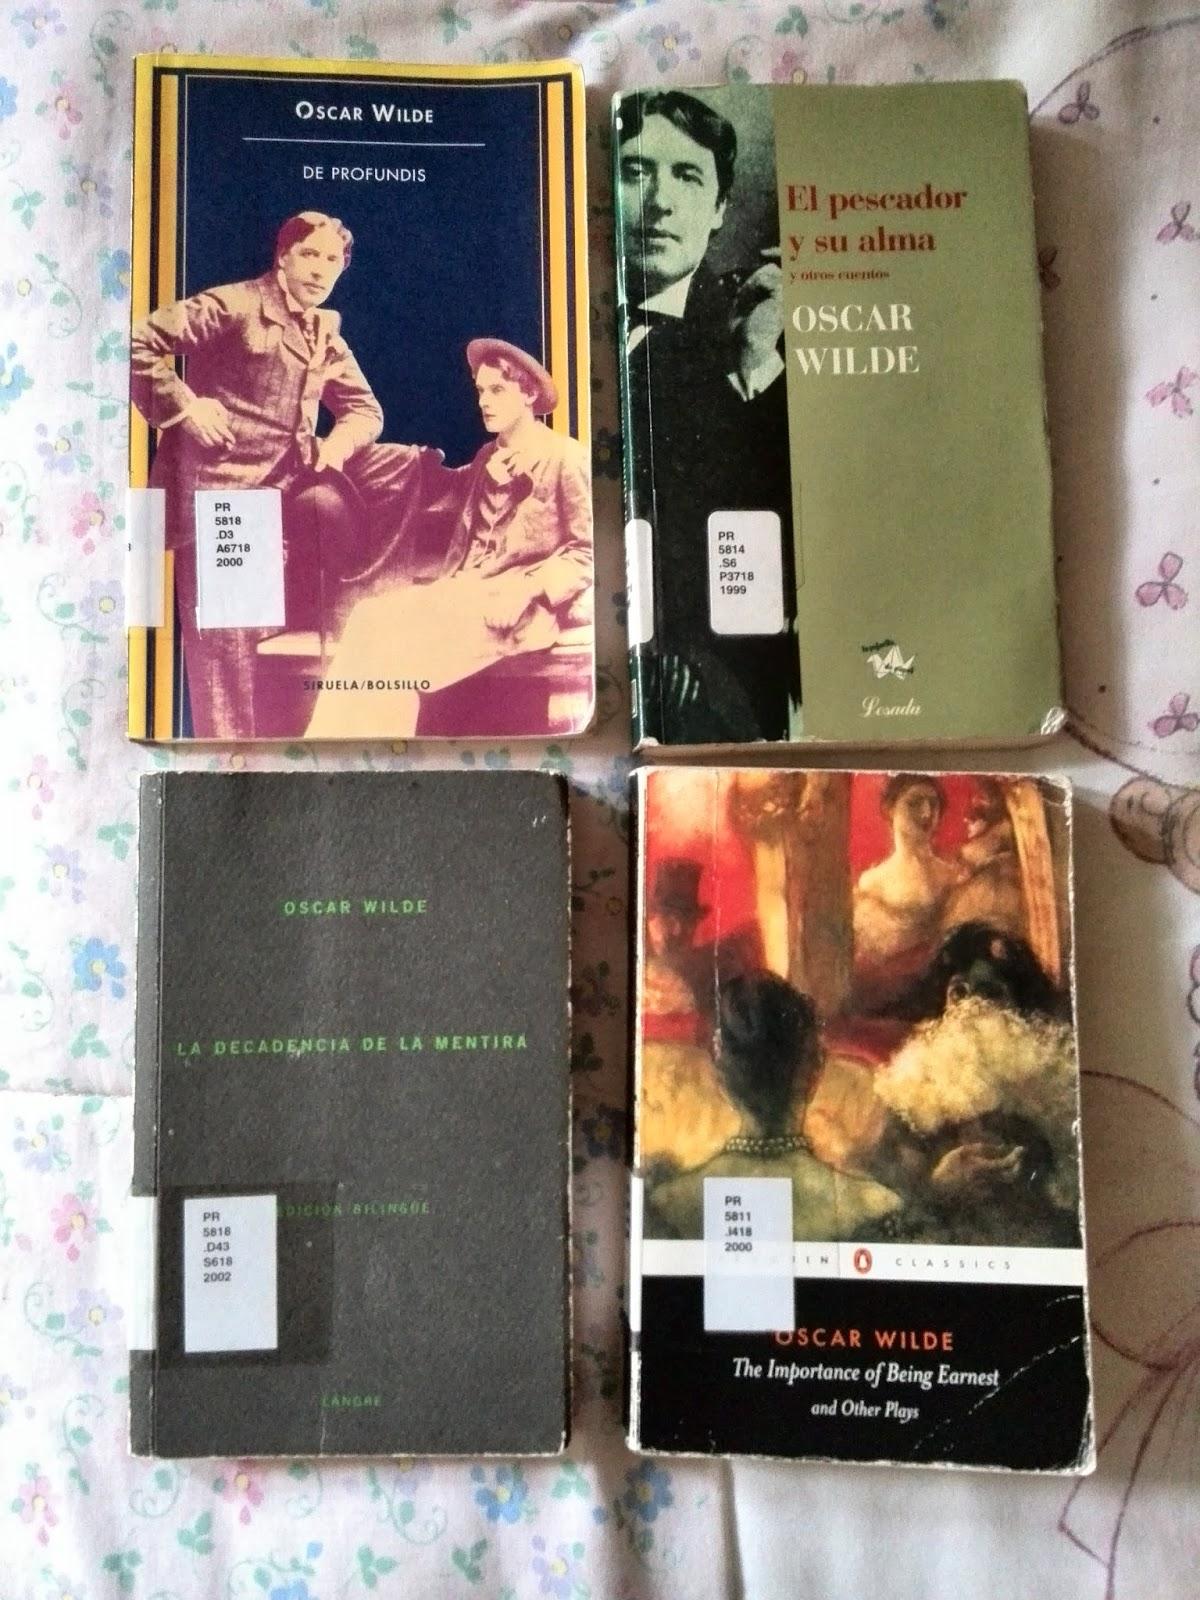 libros oscar wilde